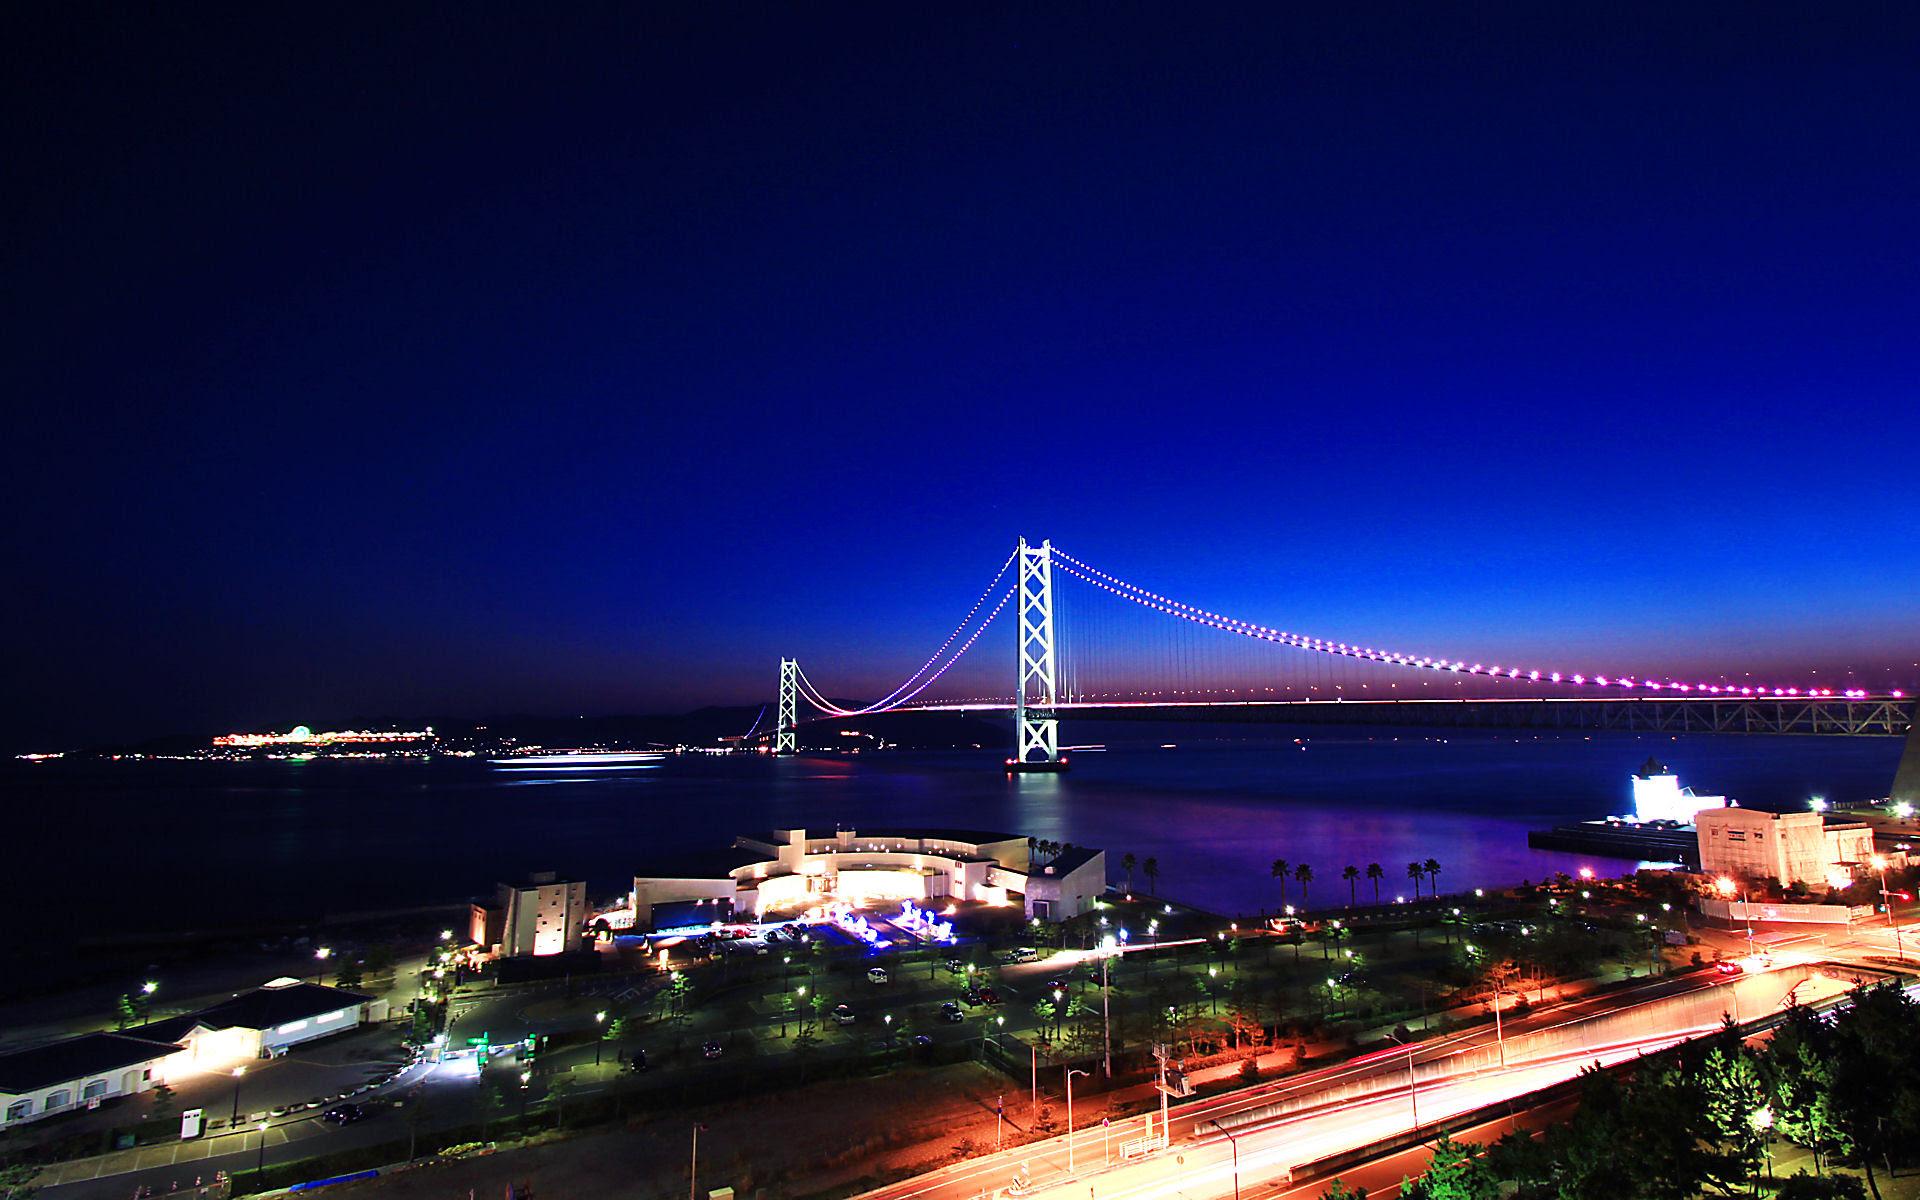 明石海峡大橋の夜景 神戸のイルミネーションフルhd 1920 1080 Wuxga